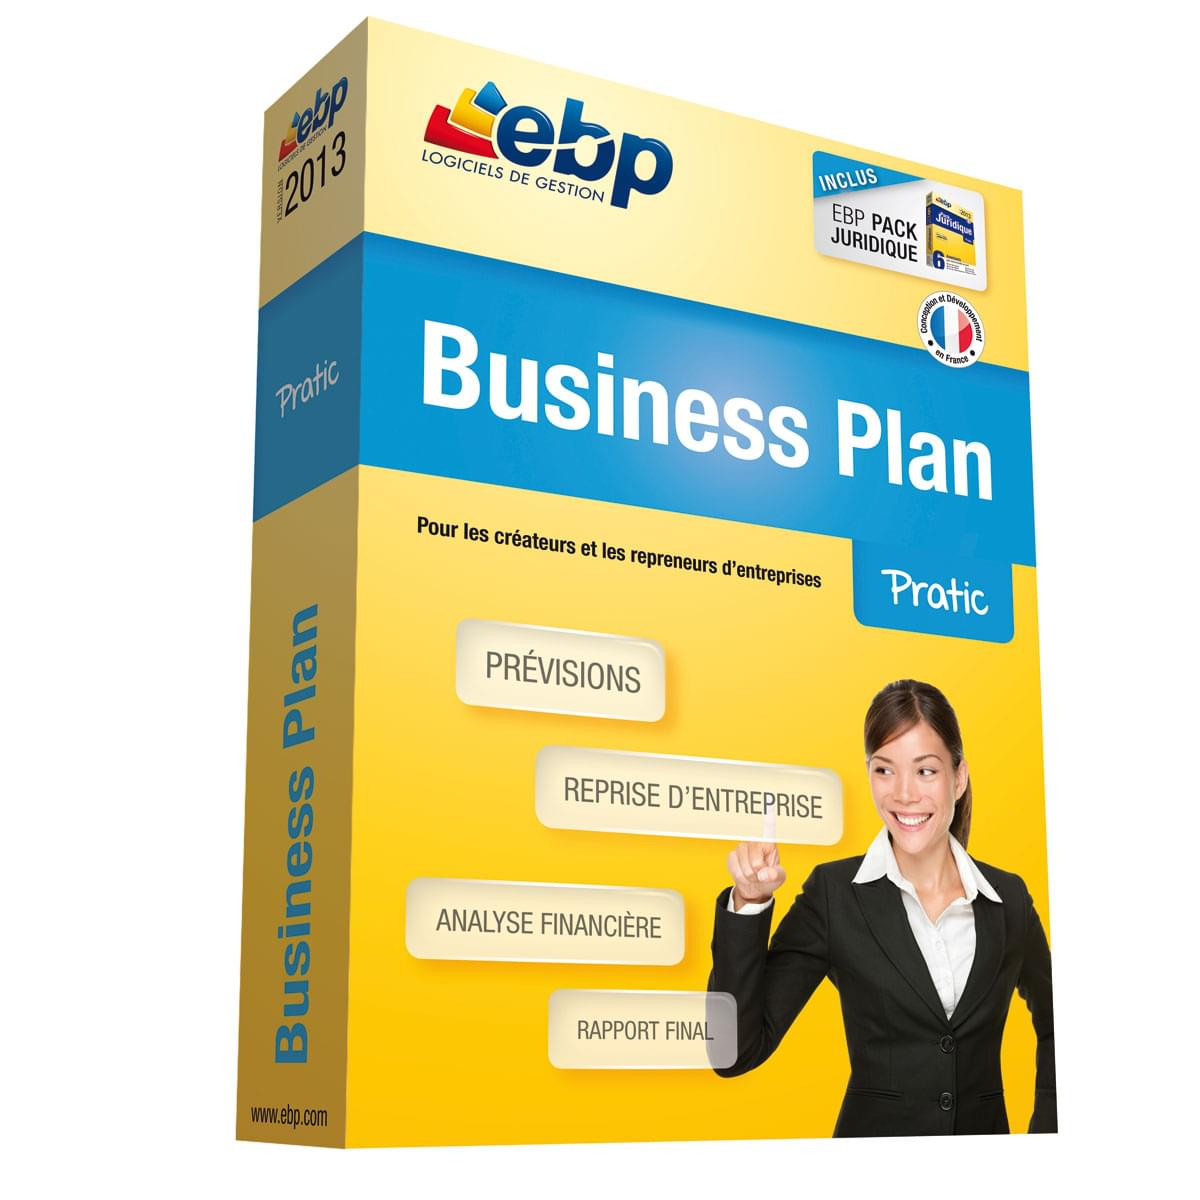 EBP Business Plan Pratic 2013 (1105E100FAA) - Achat / Vente Logiciel Application sur Cybertek.fr - 0